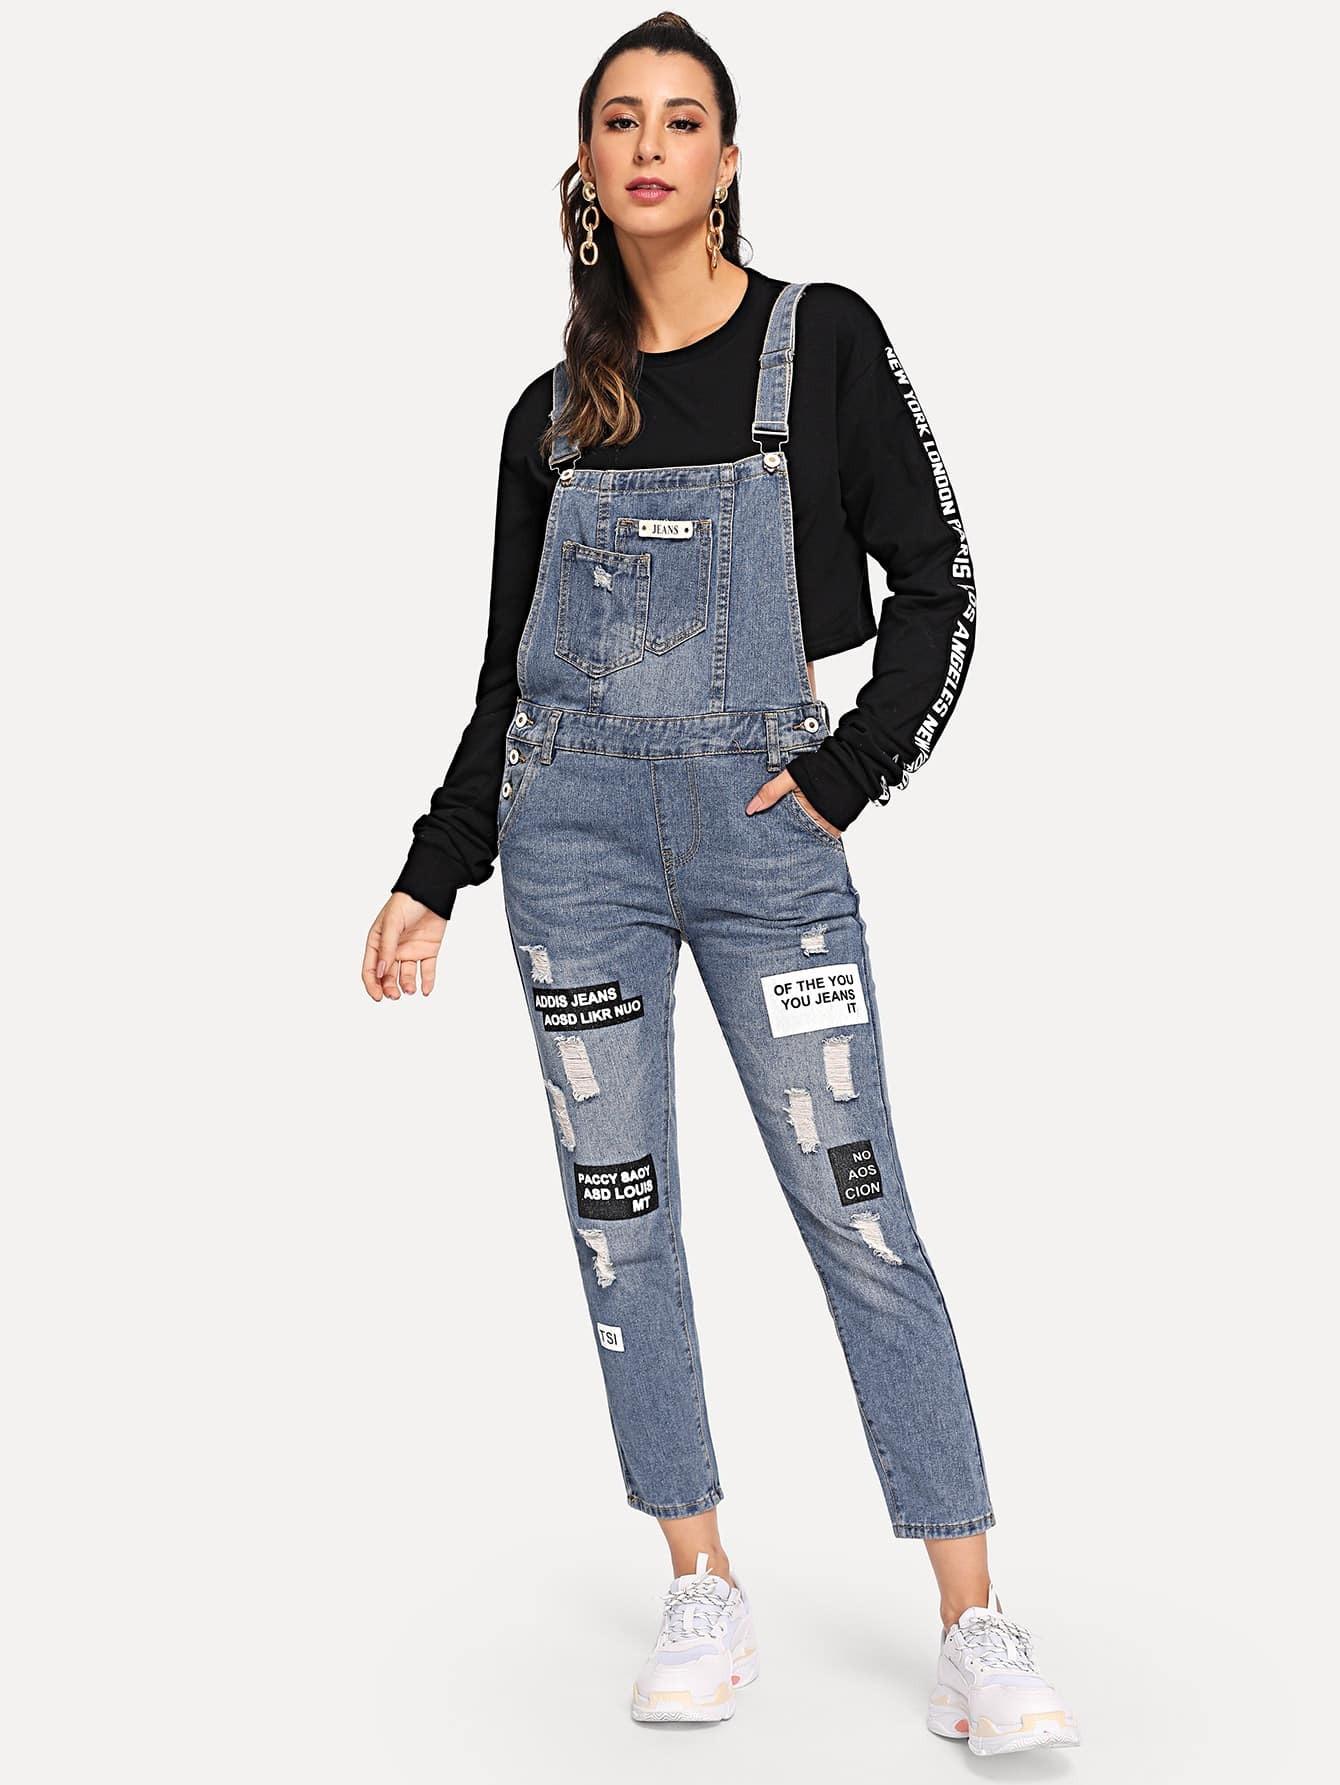 Купить Рваный джинсовый комбинезон с текстовым принтом, Gabe, SheIn